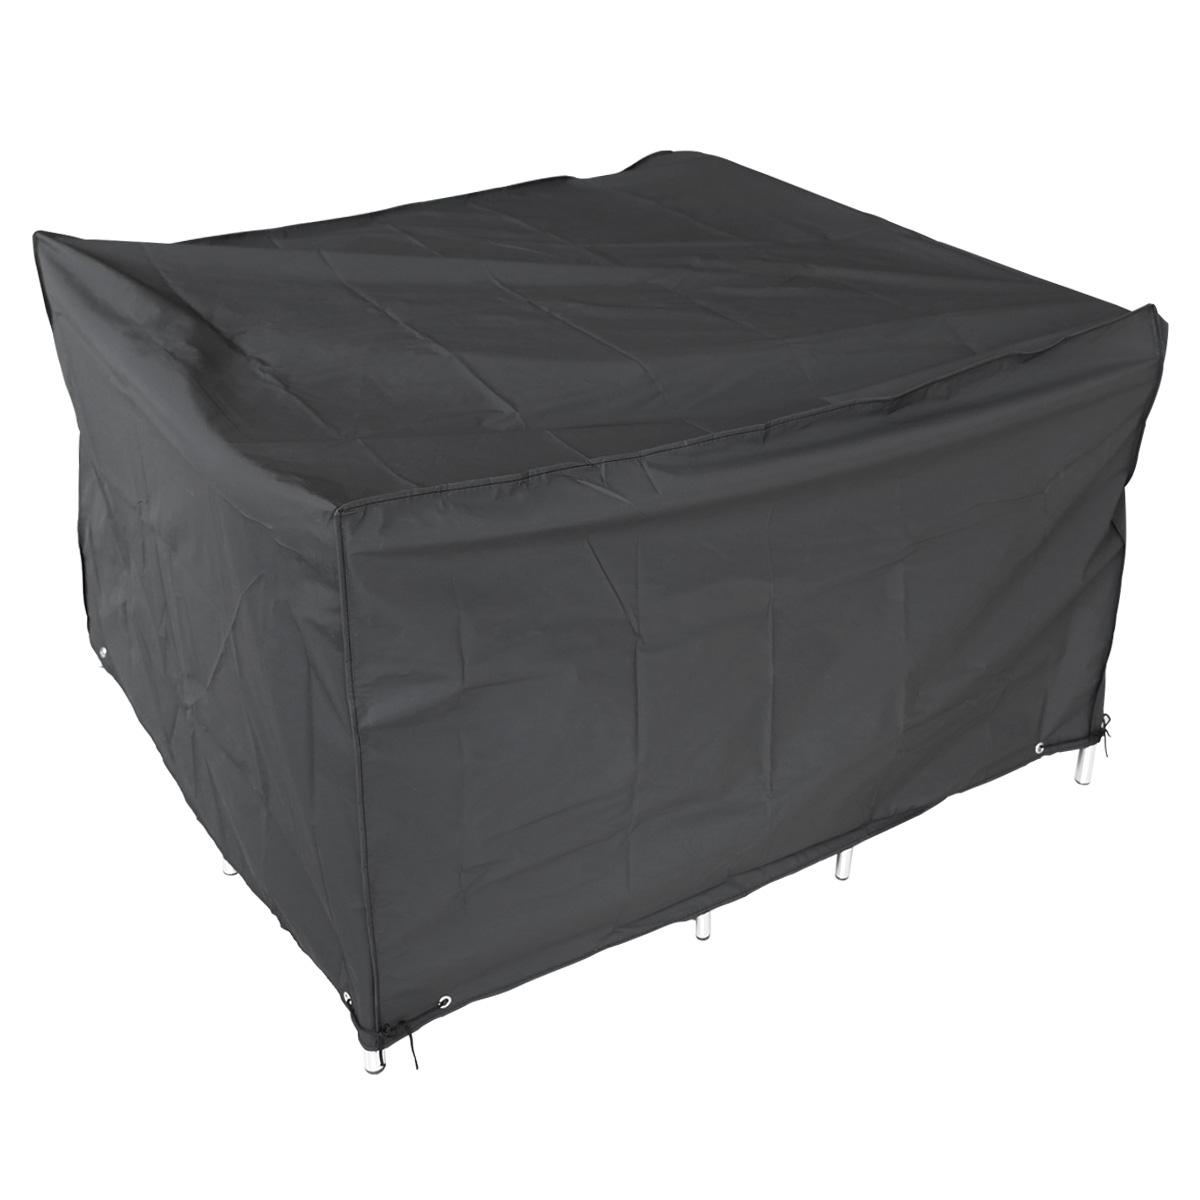 abdeckung schutzh lle f r gartenm bel gartentisch abdeckplane abdeckhaube 120cm ebay. Black Bedroom Furniture Sets. Home Design Ideas